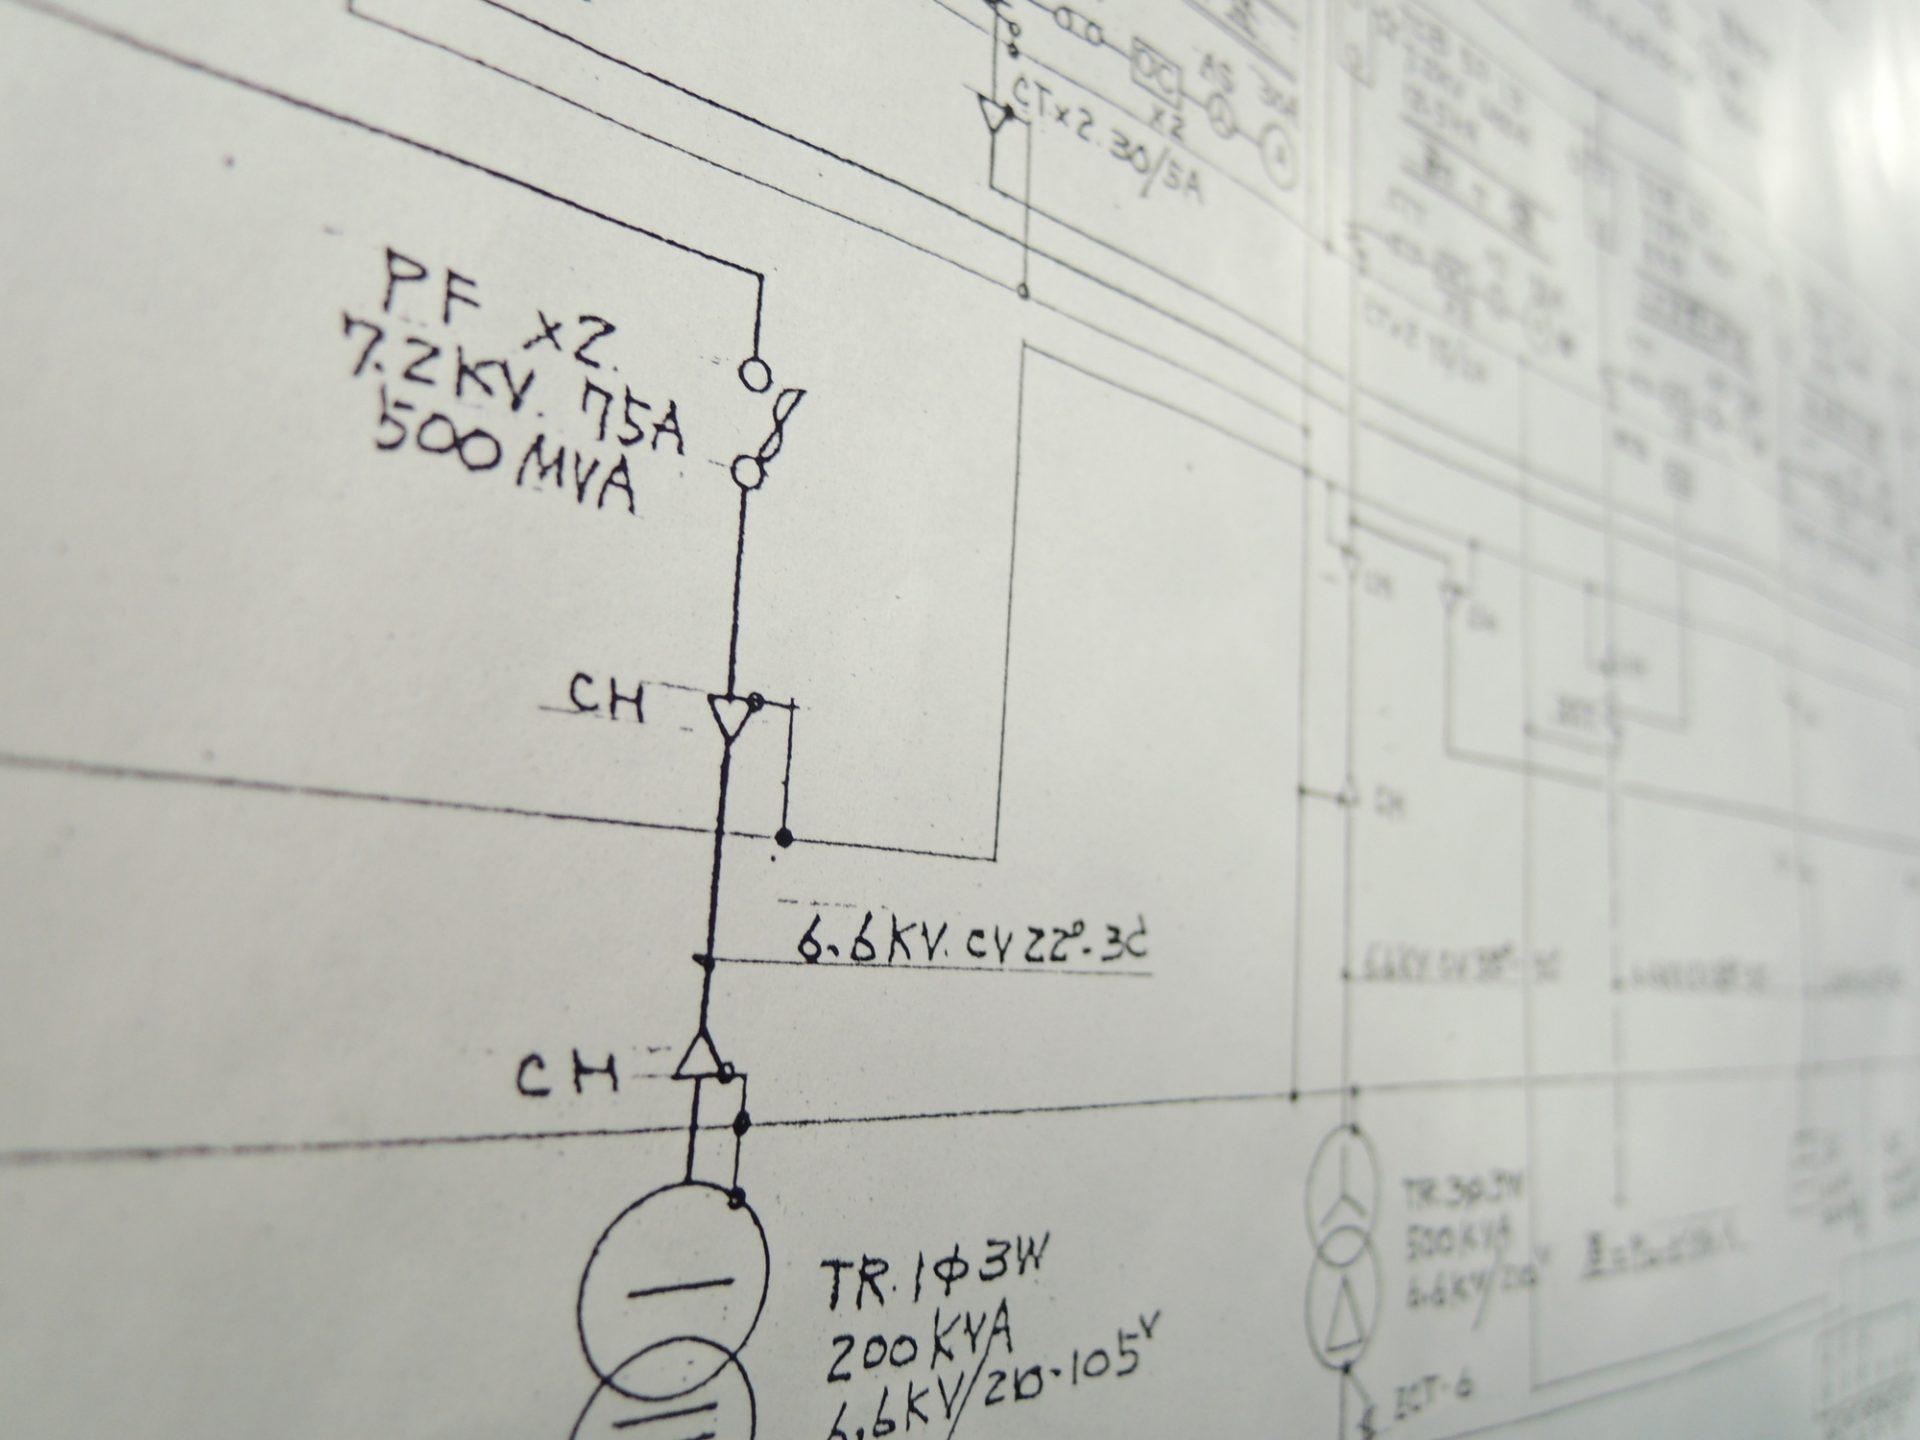 電気施工図をもっと簡単に!CADソフトの活用メリット